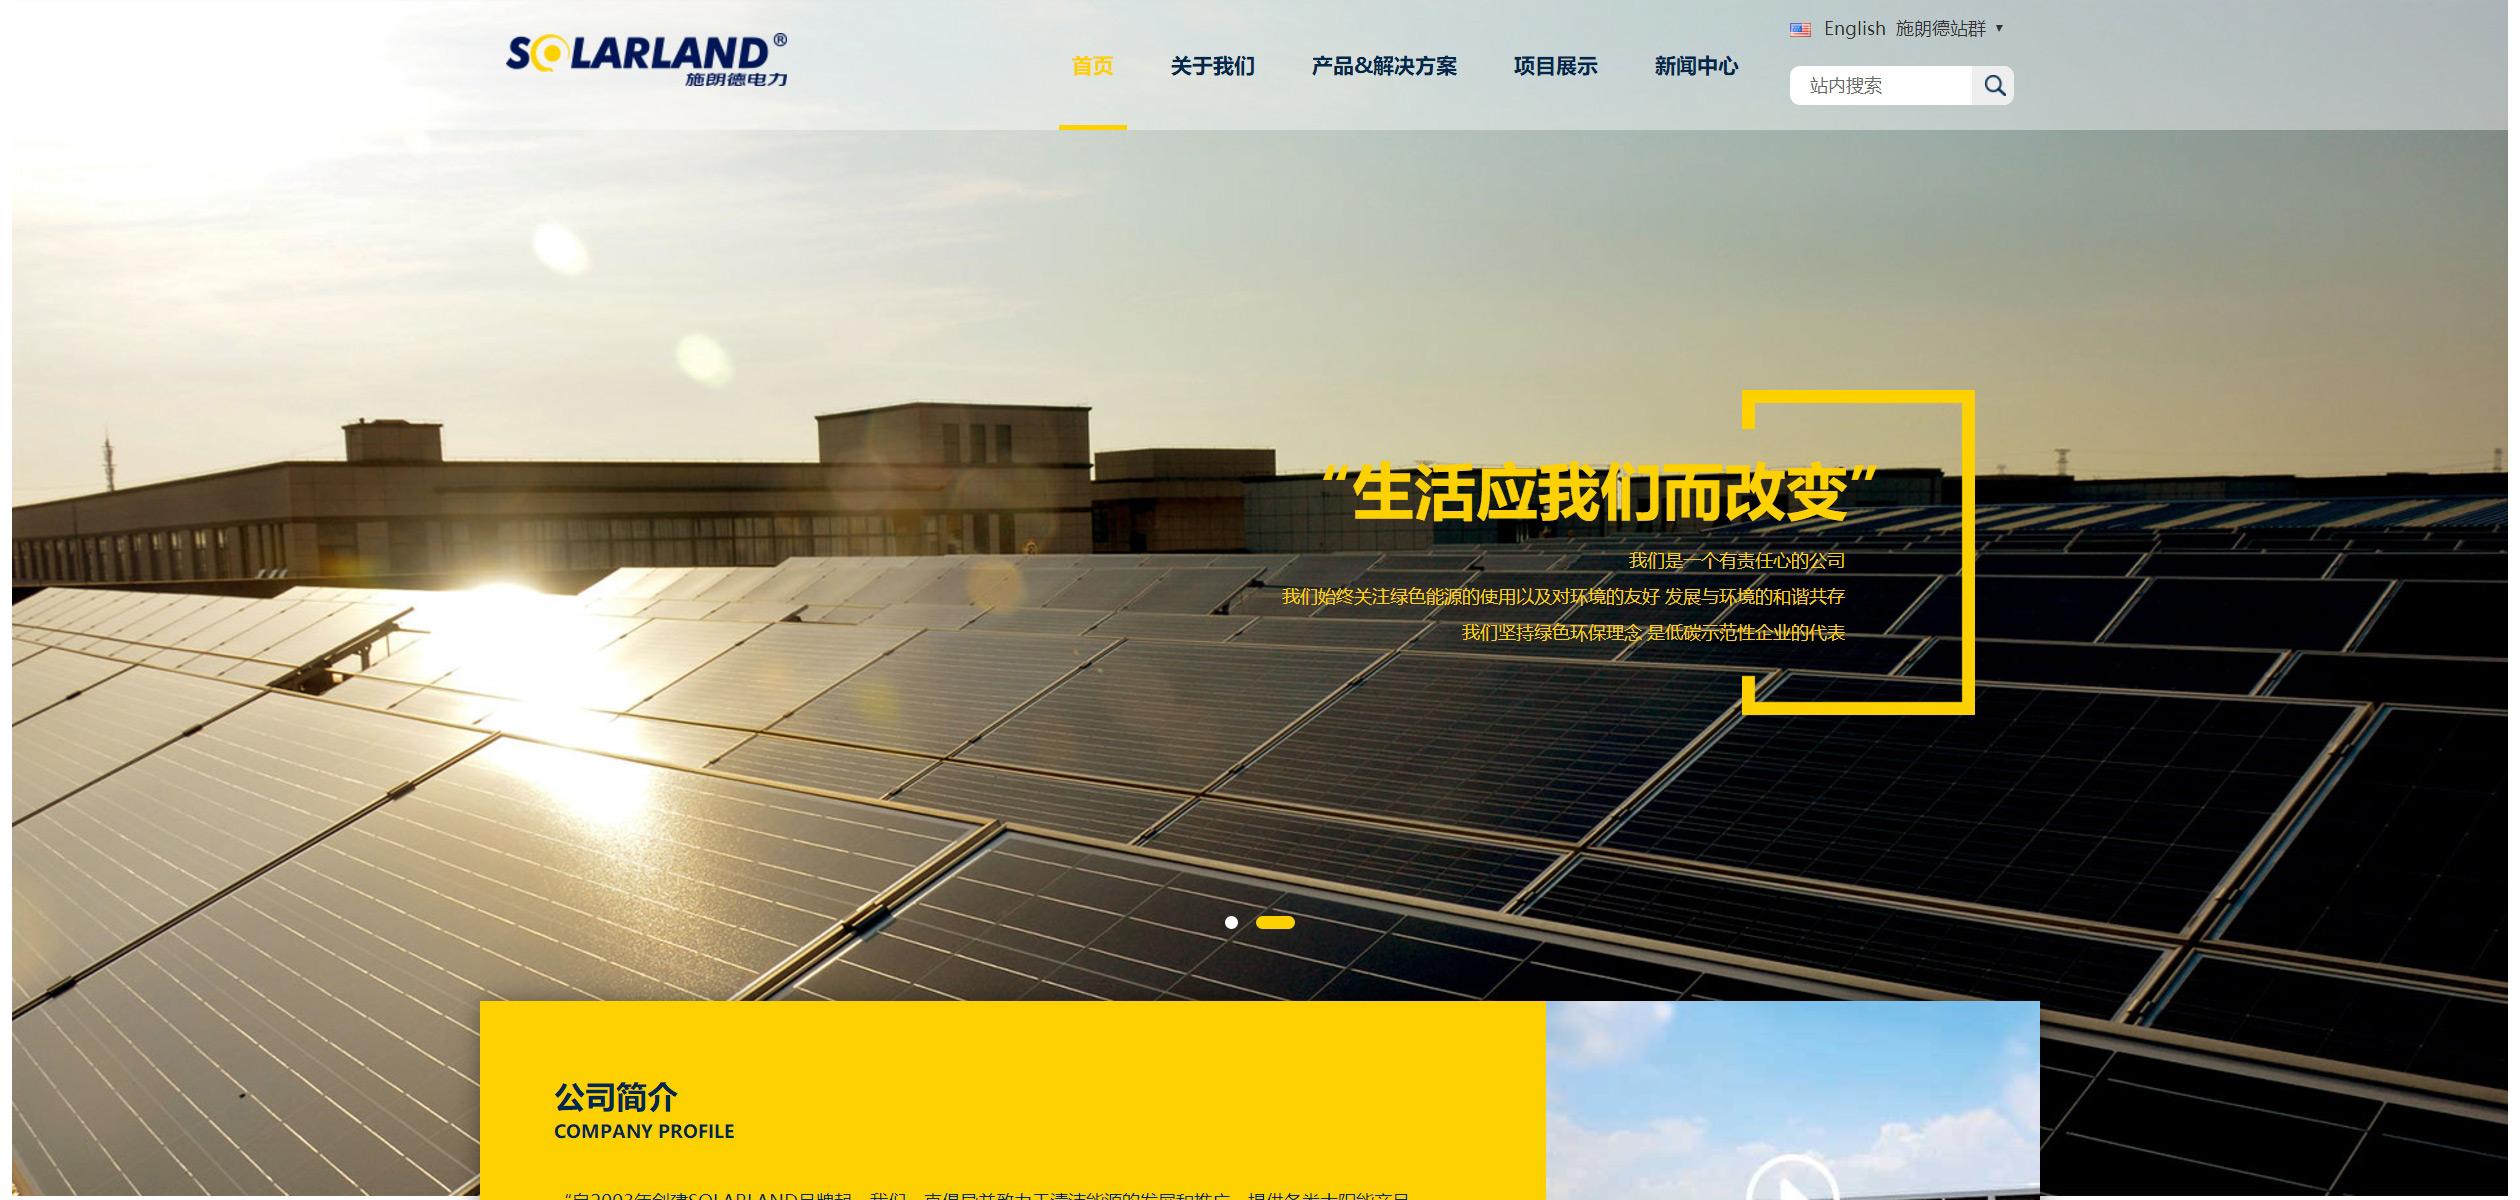 3-施朗德(无锡)电力科技有限责任公司_01